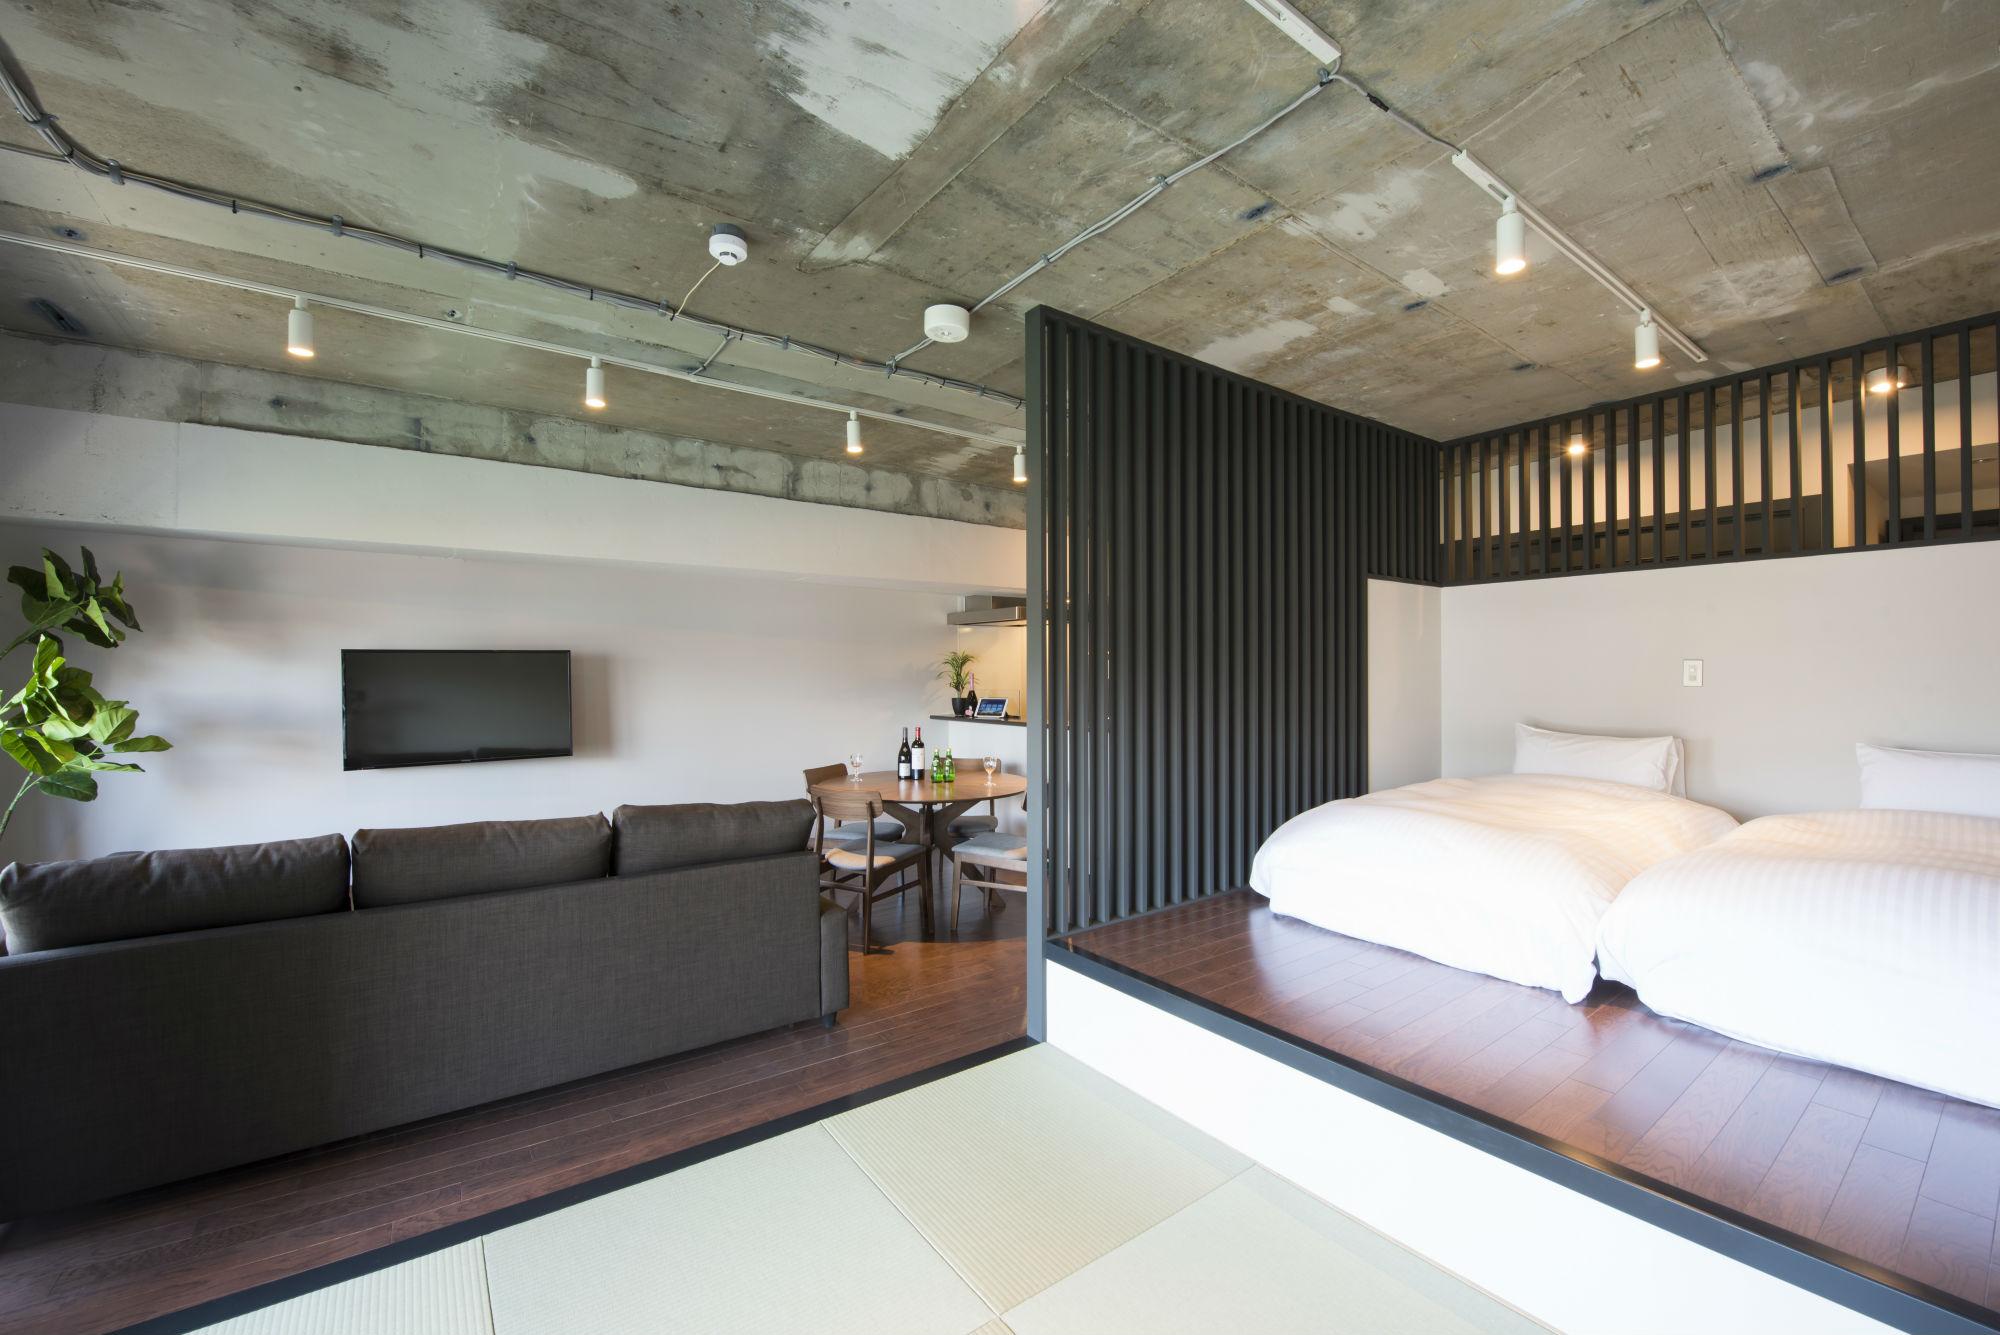 日本飯店推薦-日本住宿-福岡河畔好日飯店